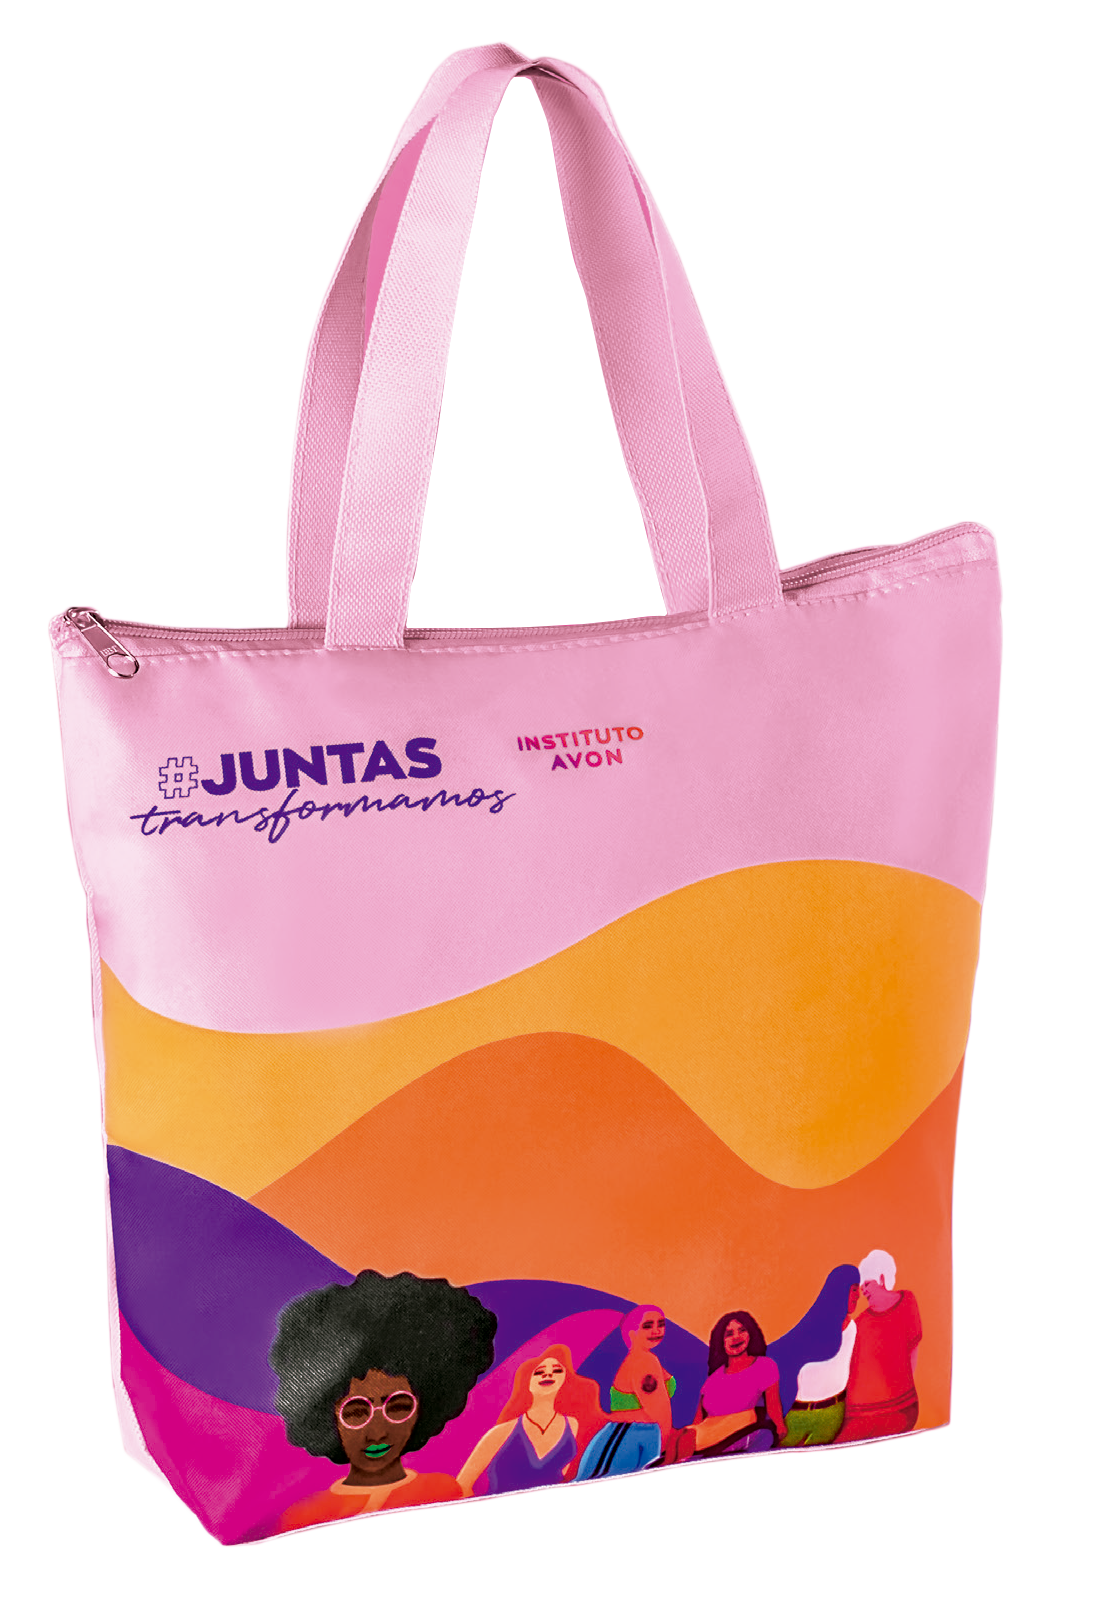 Lancheira #JuntasTransformamos